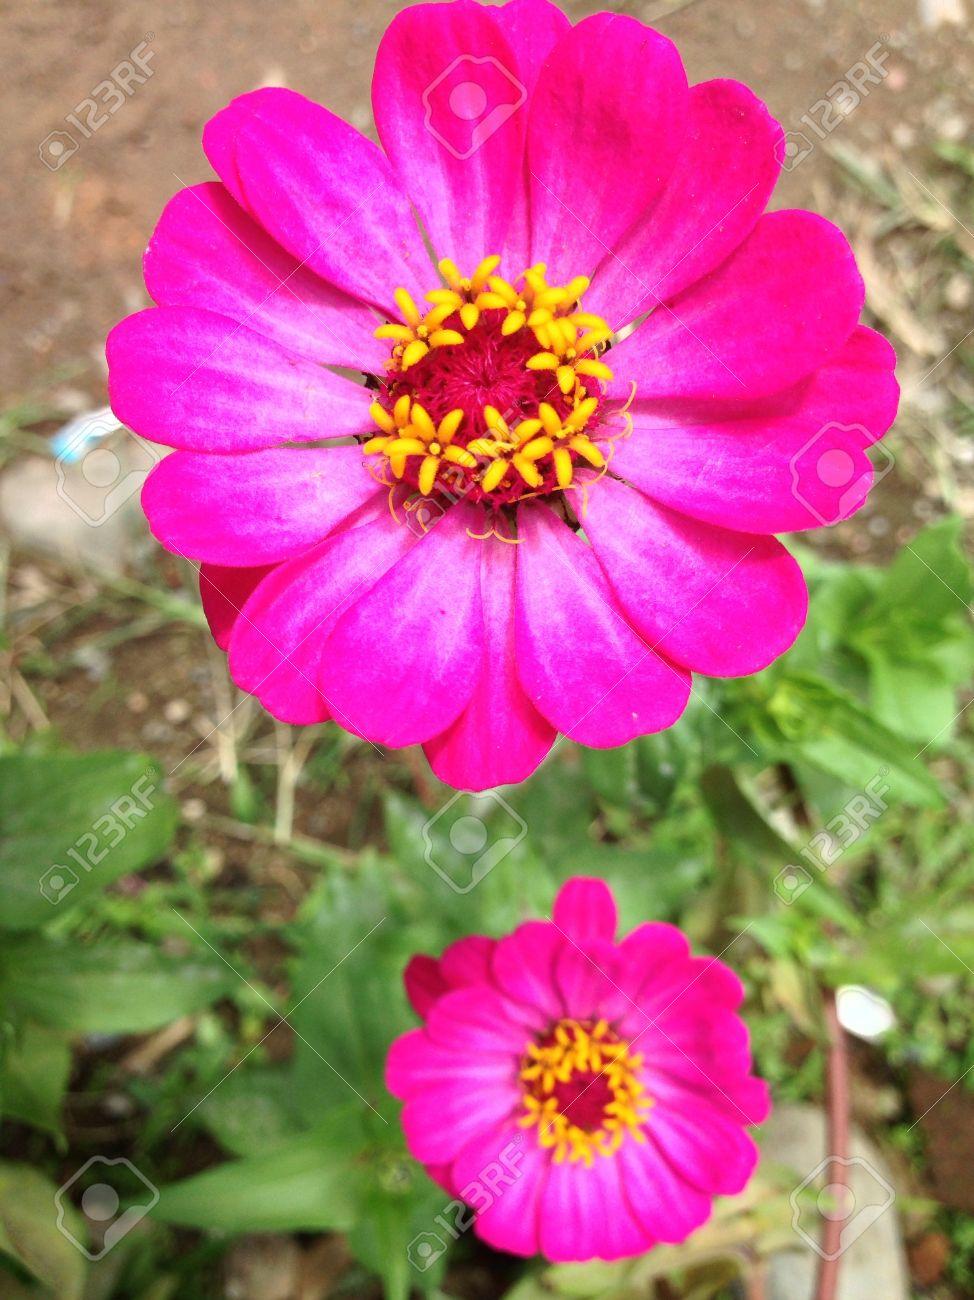 belle fleur rose et jaune banque d'images et photos libres de